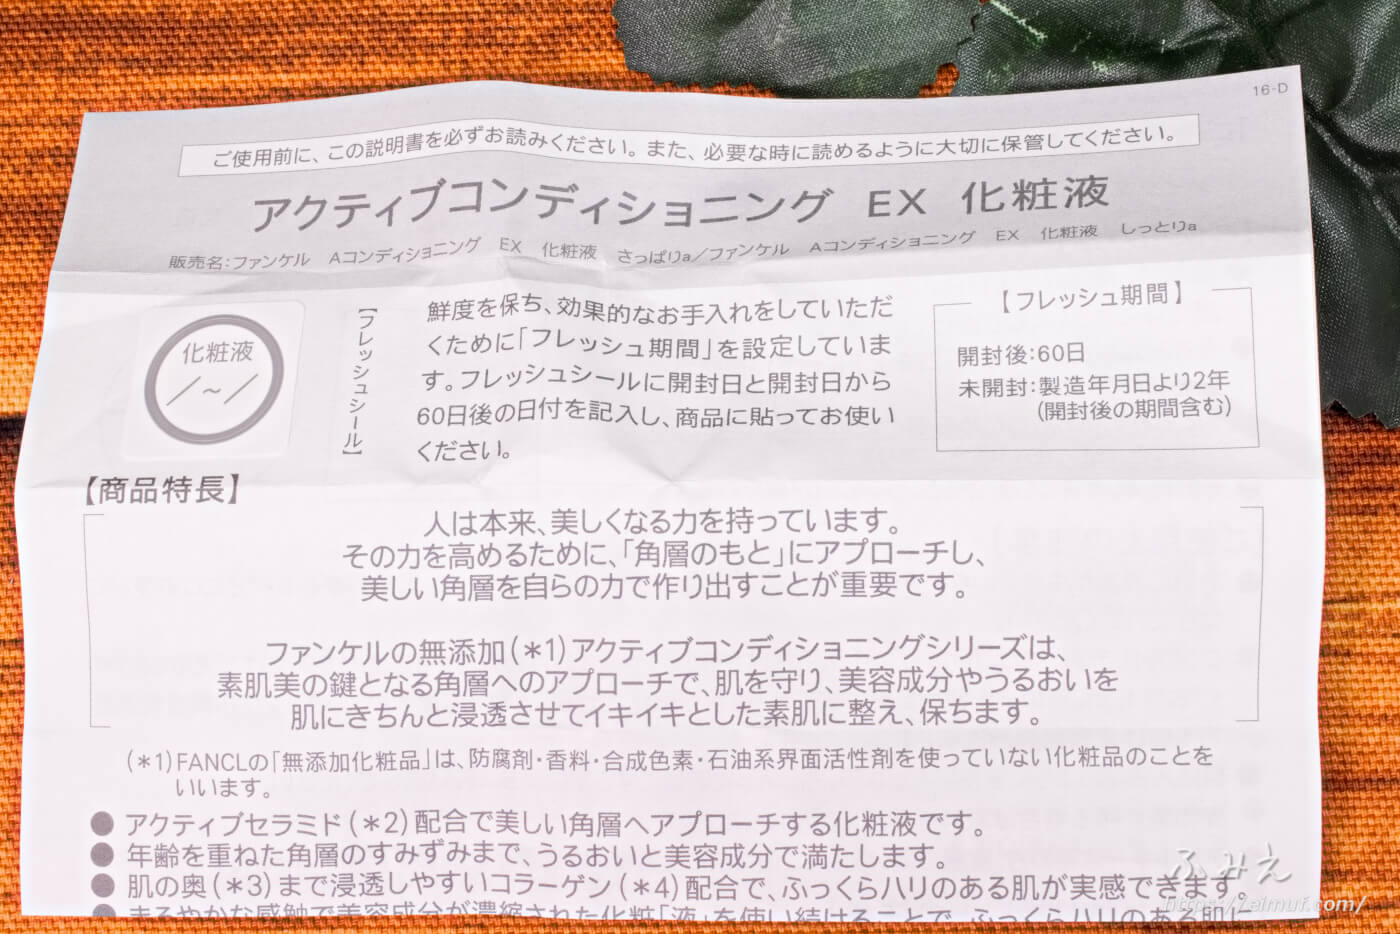 ファンケル 無添加エンリッチ (旧無添加 アクティブコンディショニングEX 化粧液II) 付属の説明書